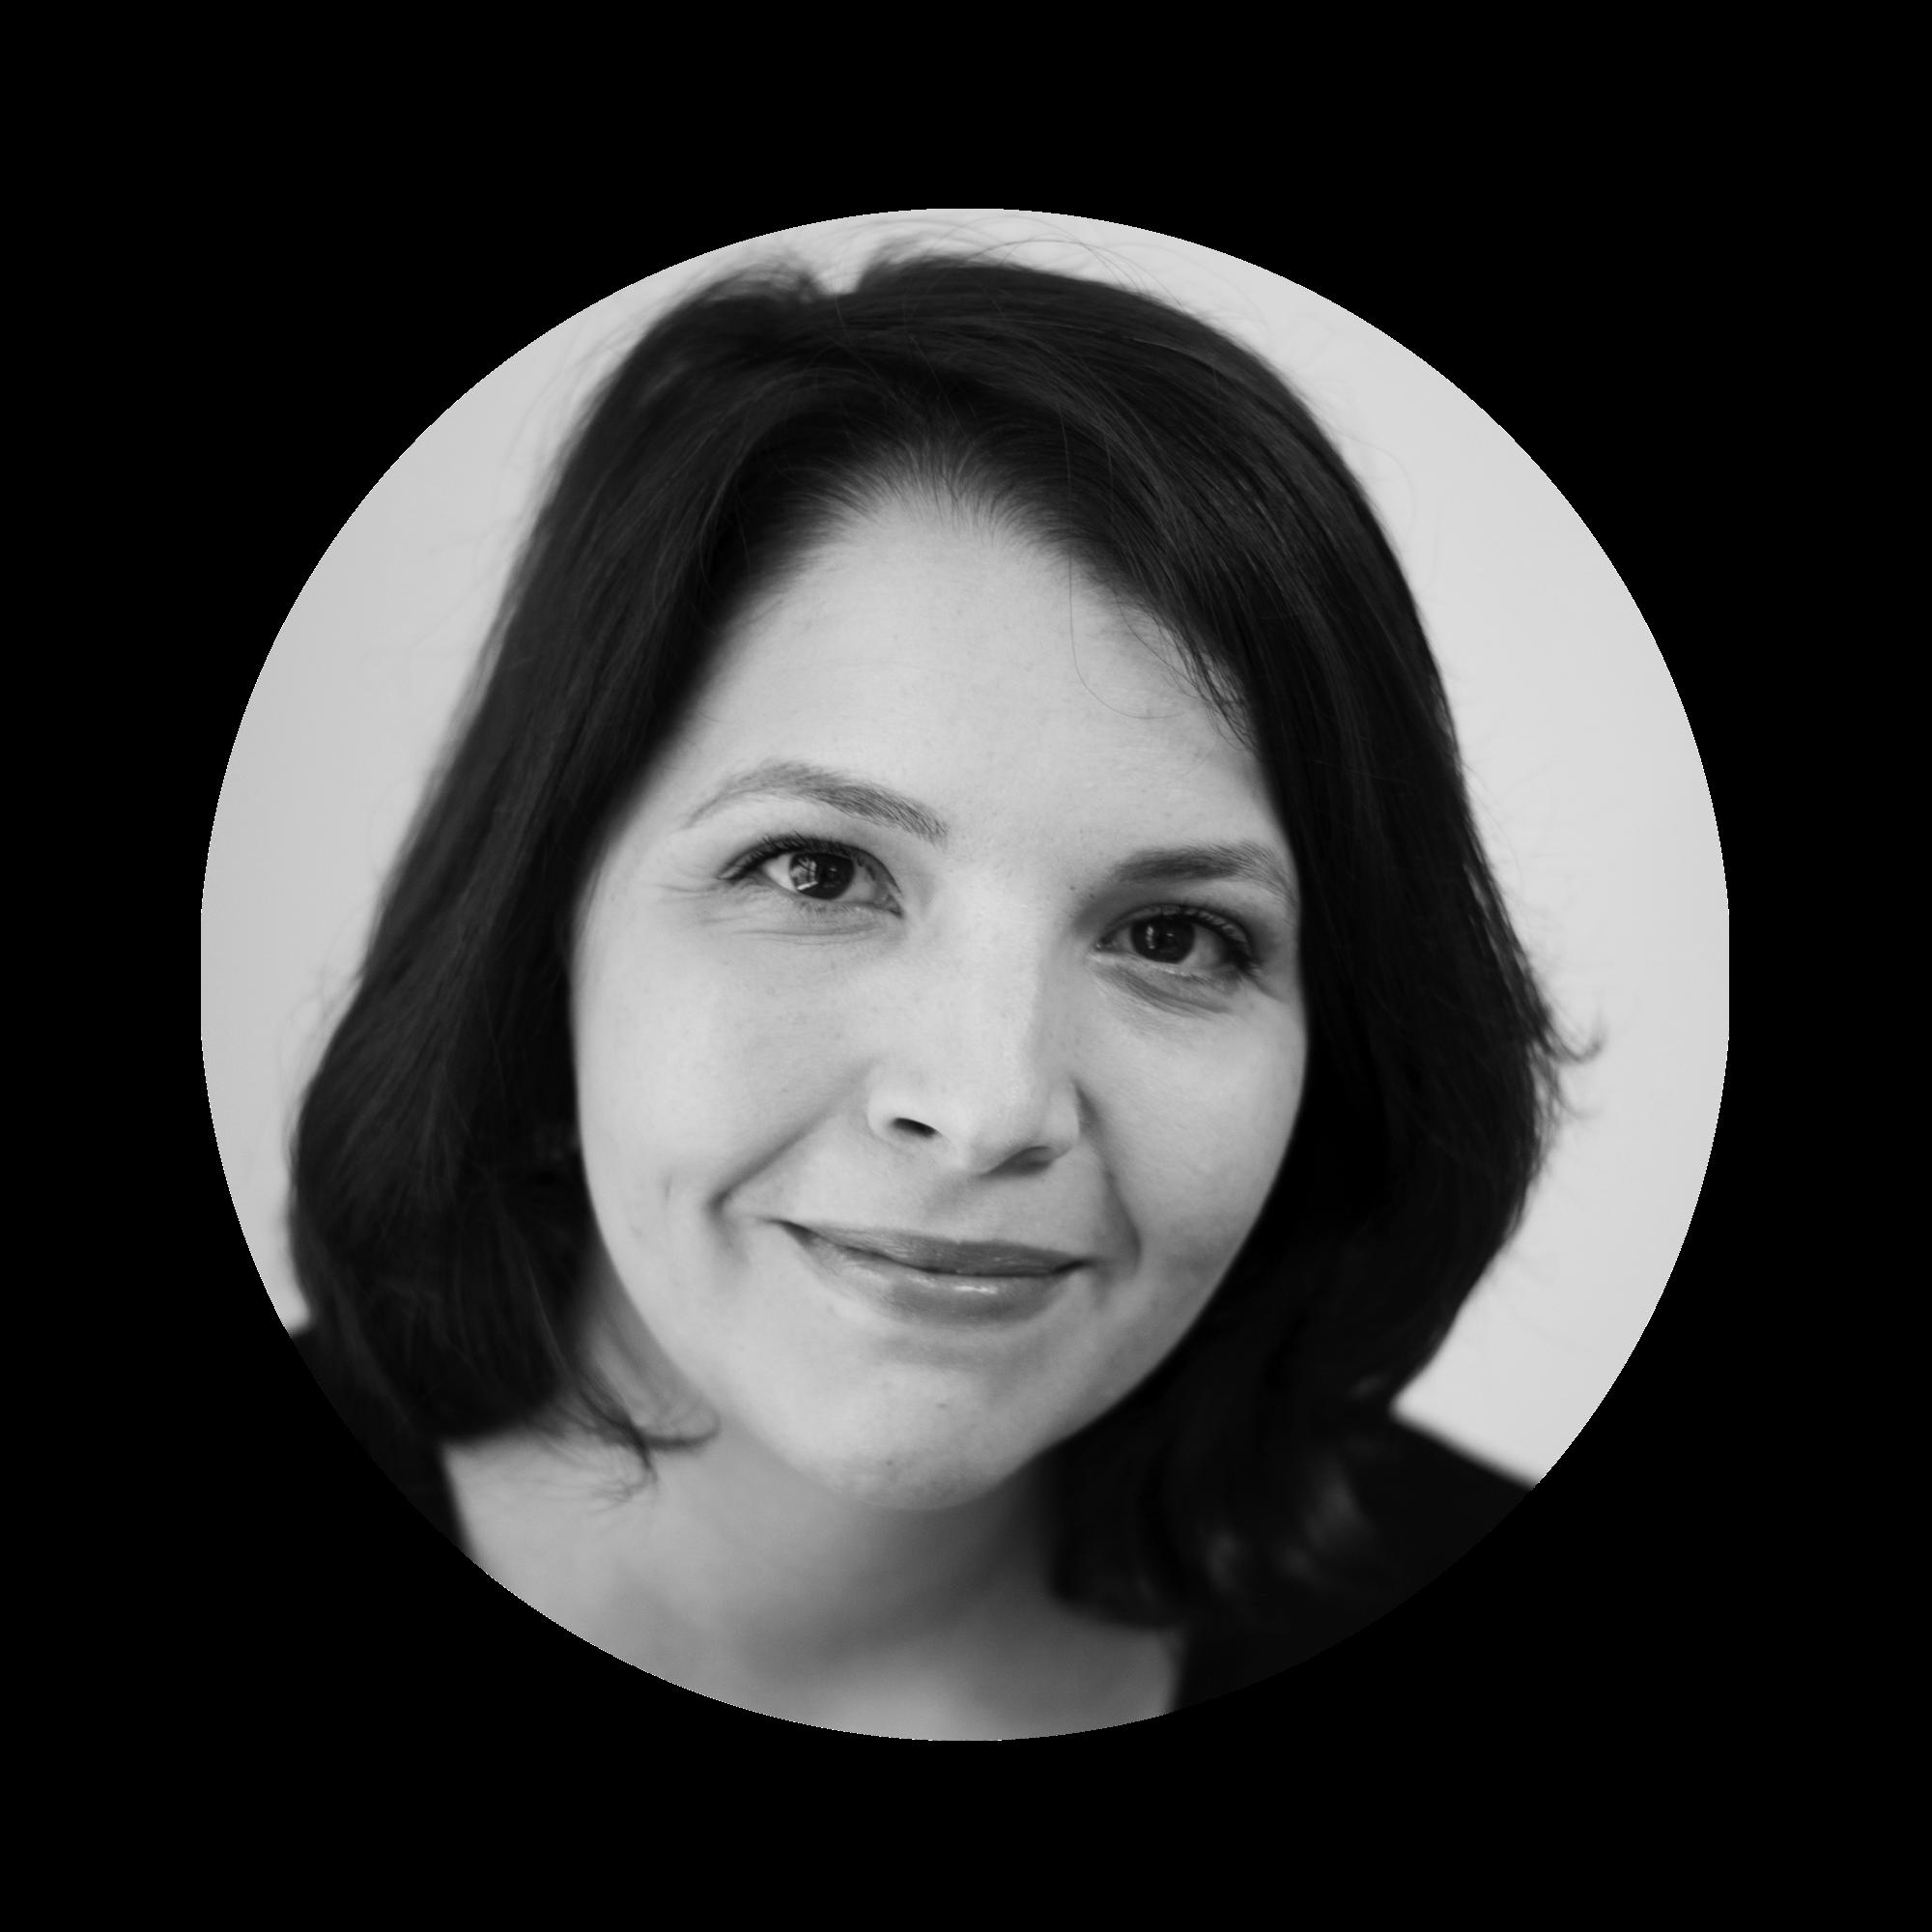 Yasmine Falk - Founder & Partner